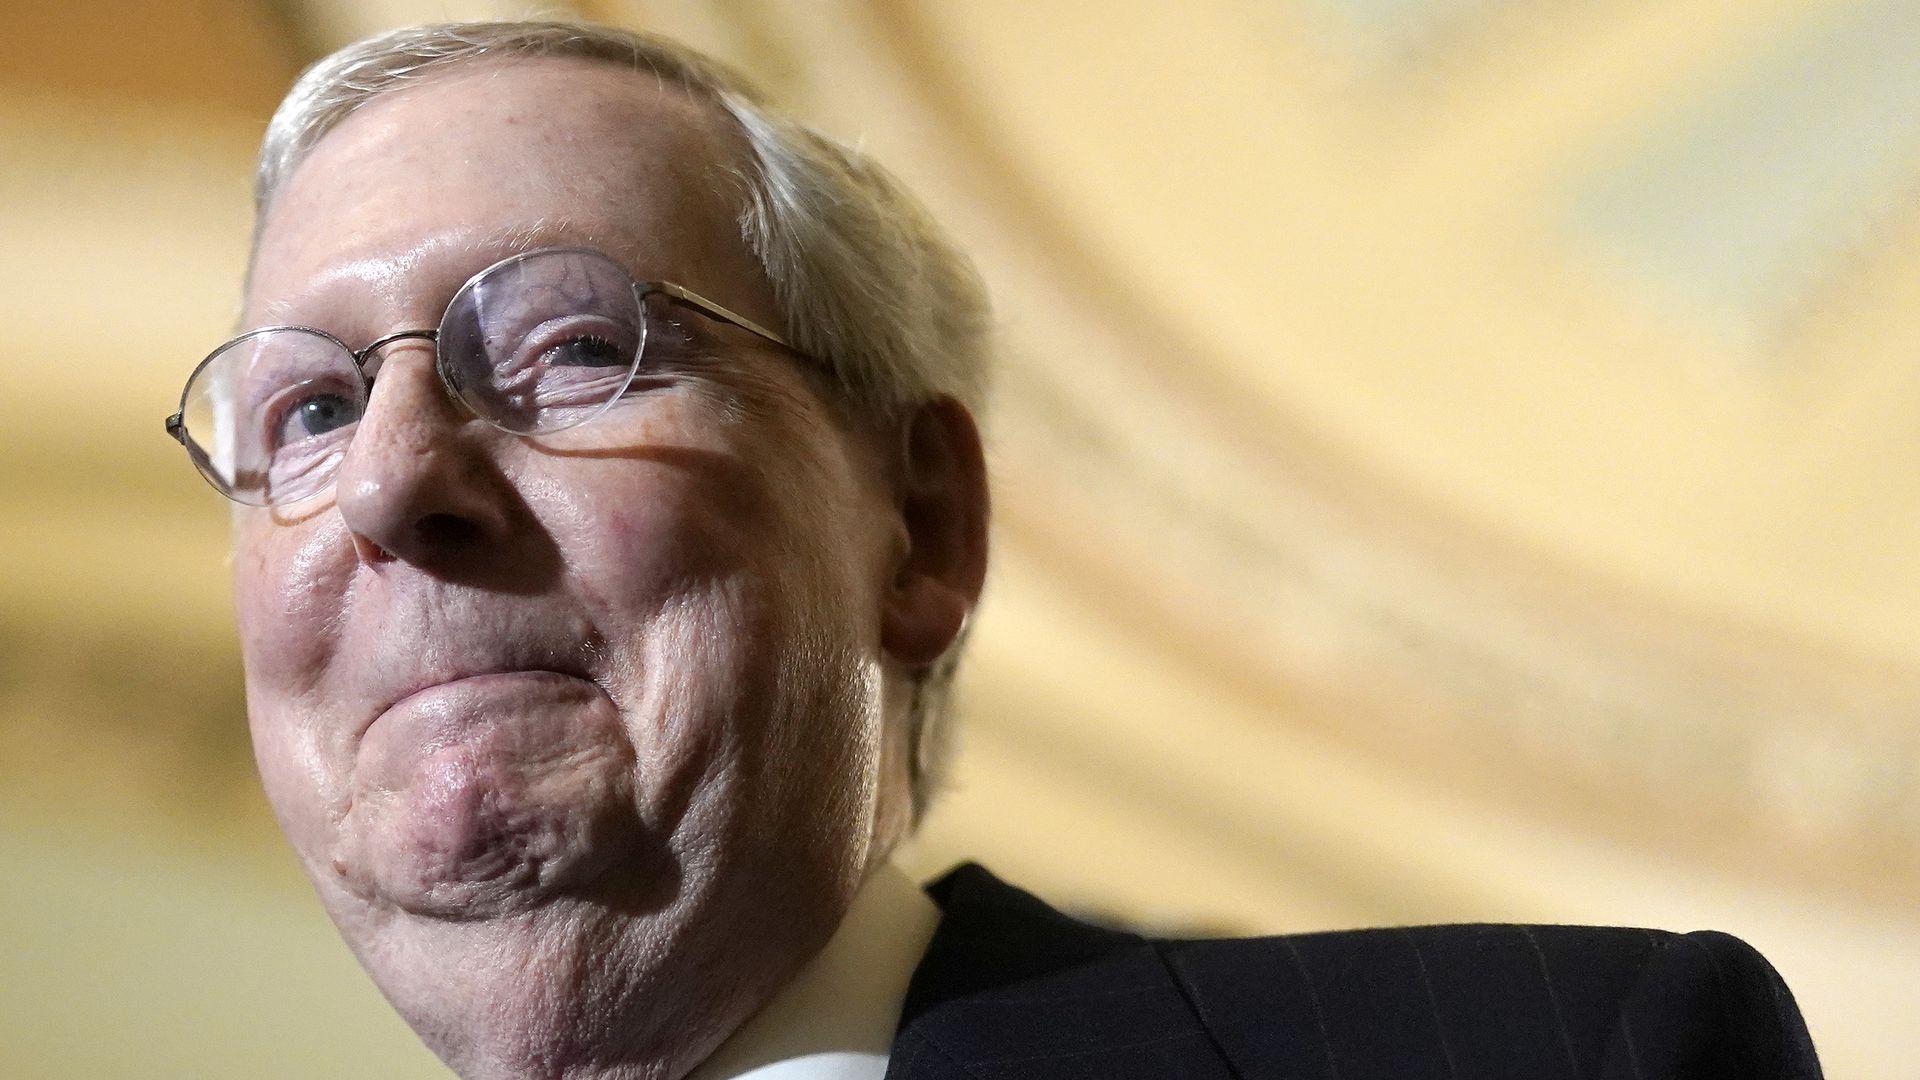 Dems doubt Senate impeachment trial legitimacy after McConnell vows White House coordination